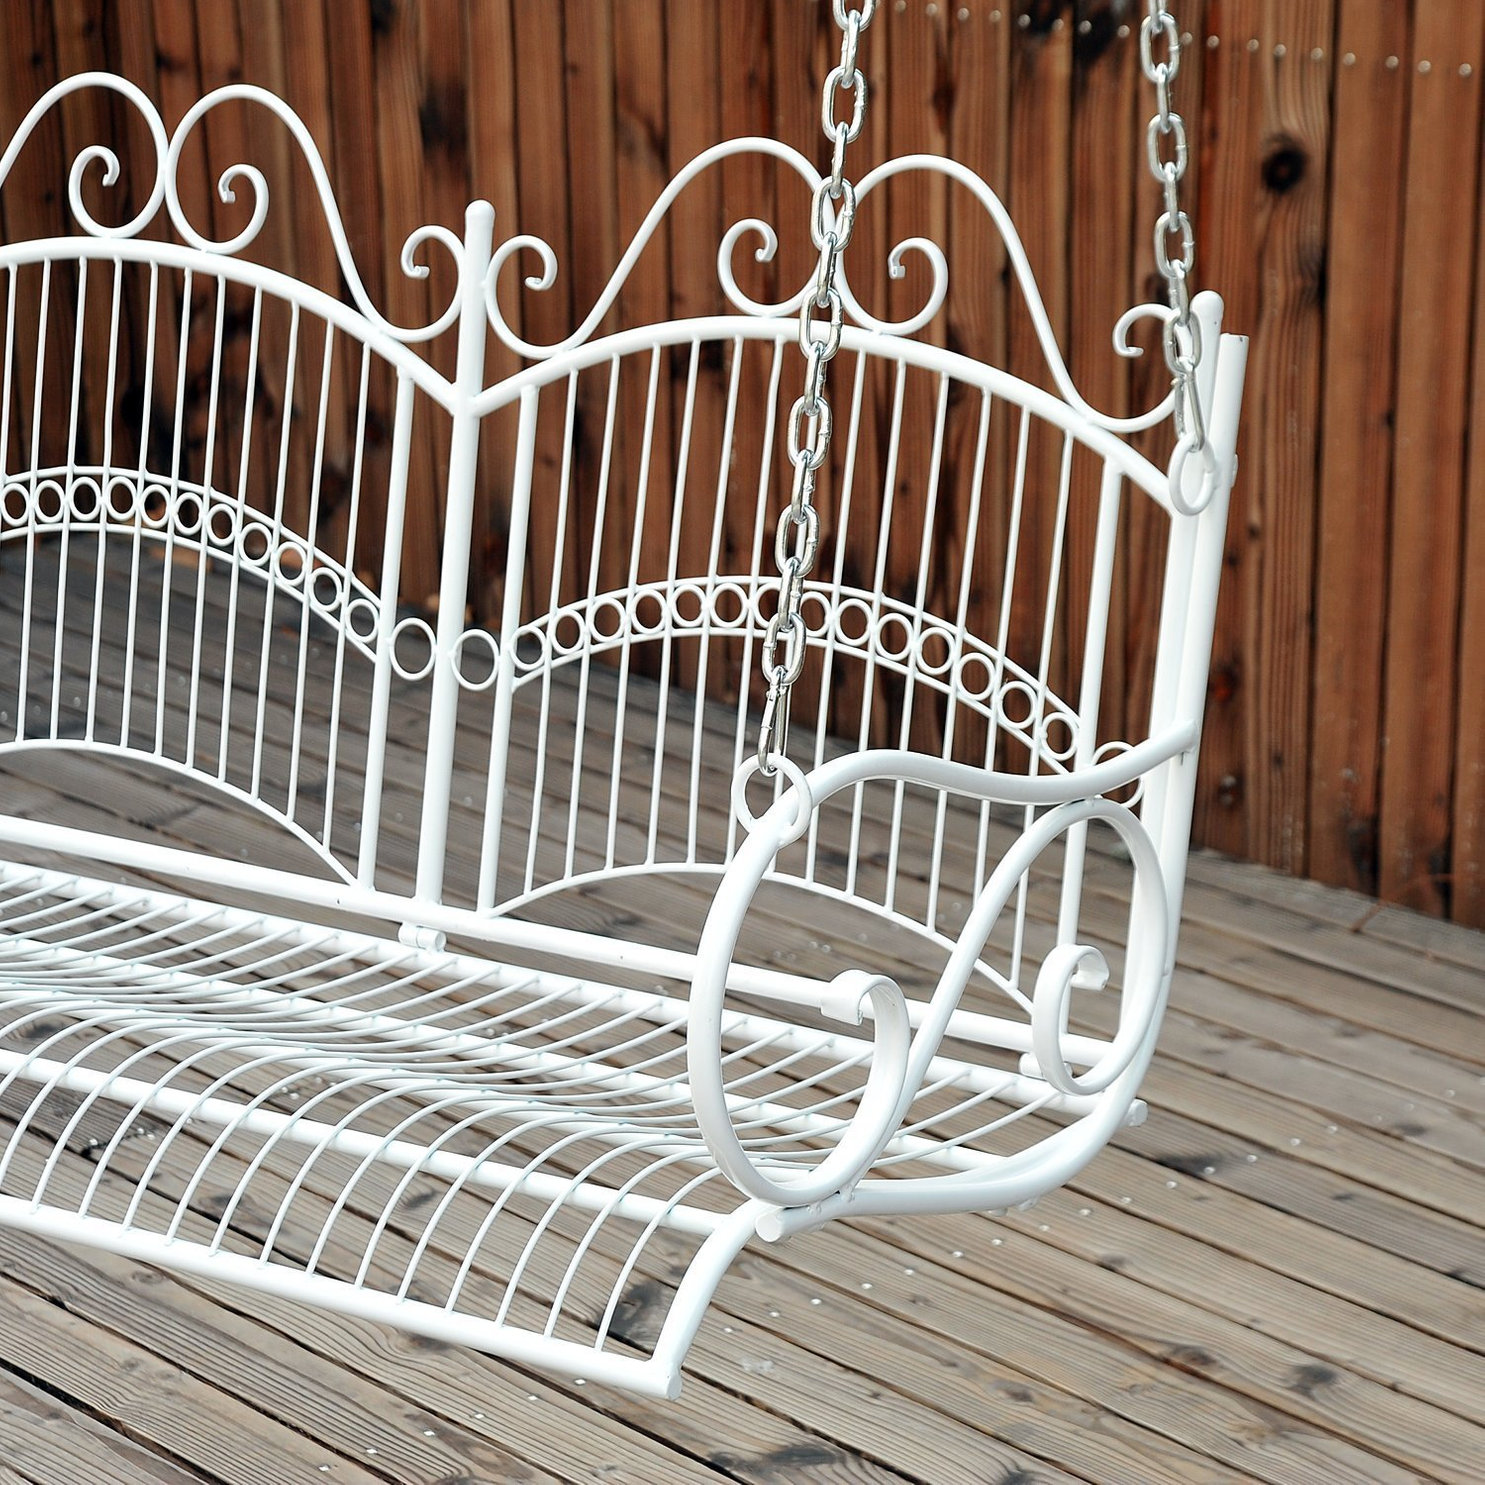 Full Size of Gartenschaukel Als 2 Sitzer Jetzt Bei Weltbildde Bestellen Metall Bett Regal Weiß Regale Wohnzimmer Gartenschaukel Metall